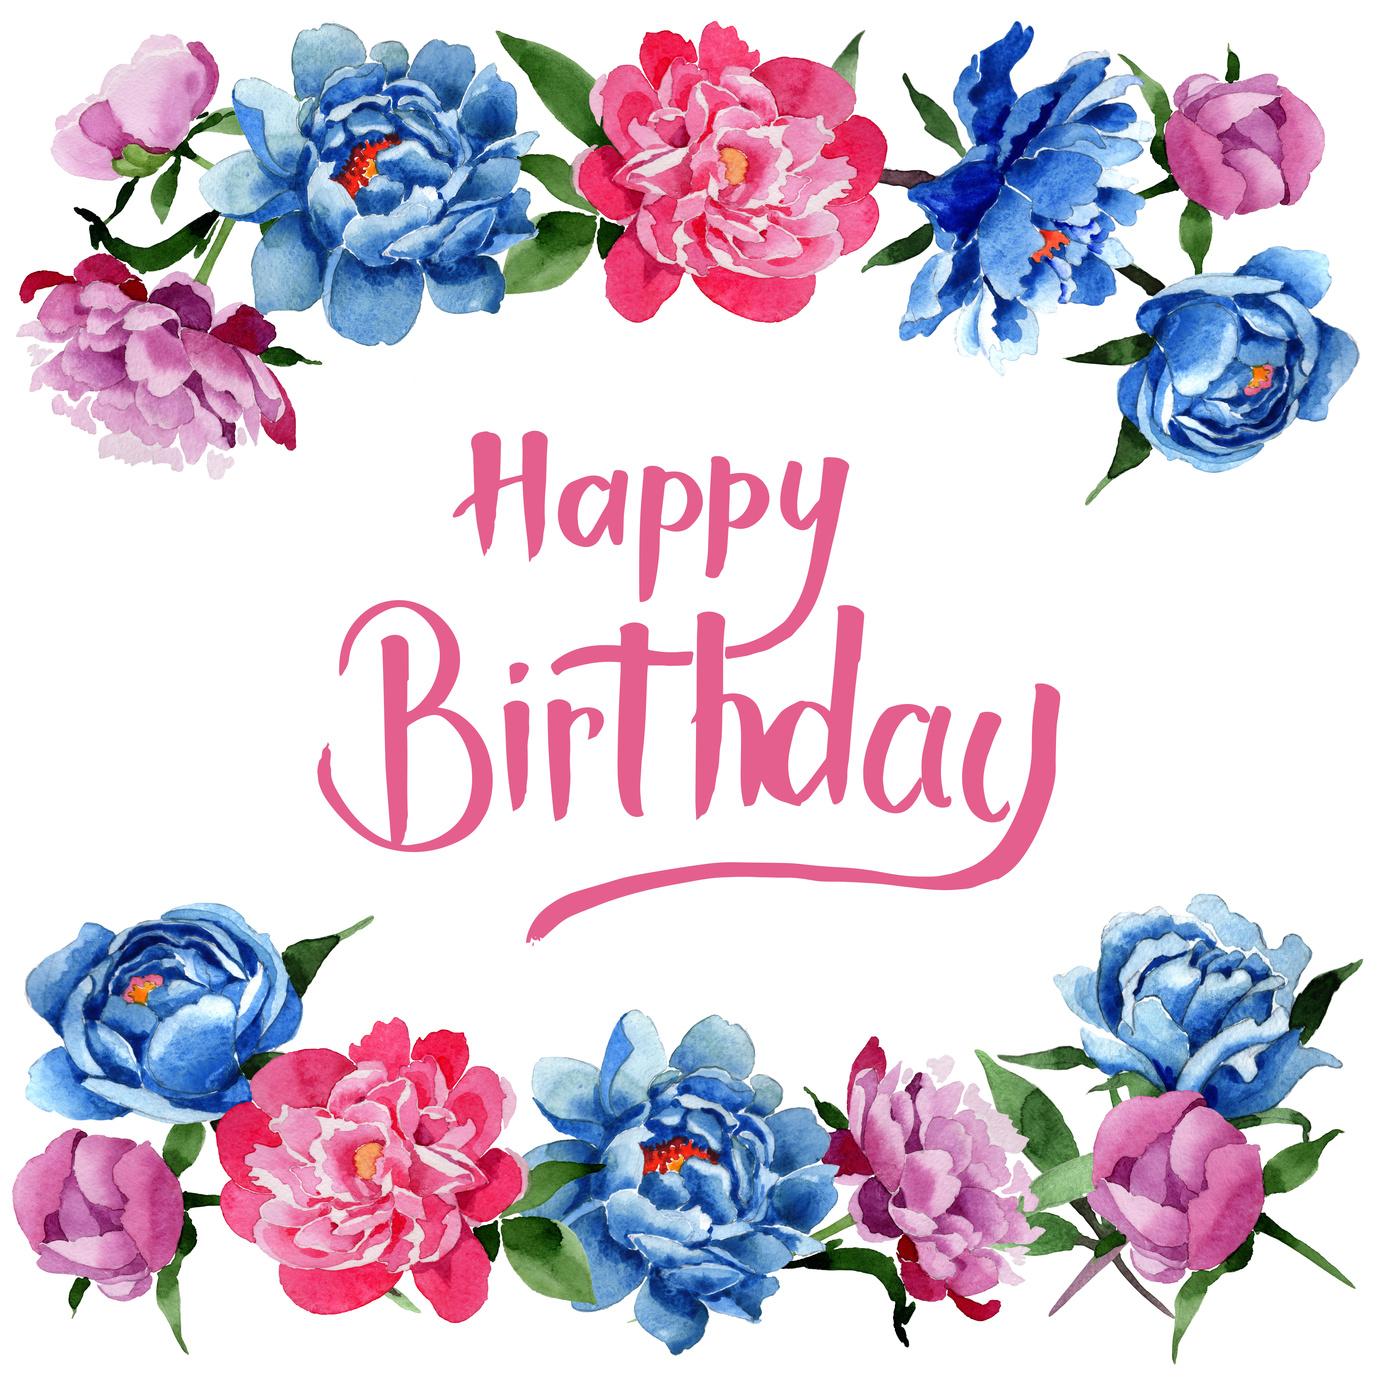 snsやメールの誕生日メッセージに添えたい、おしゃれな画像30選 #花